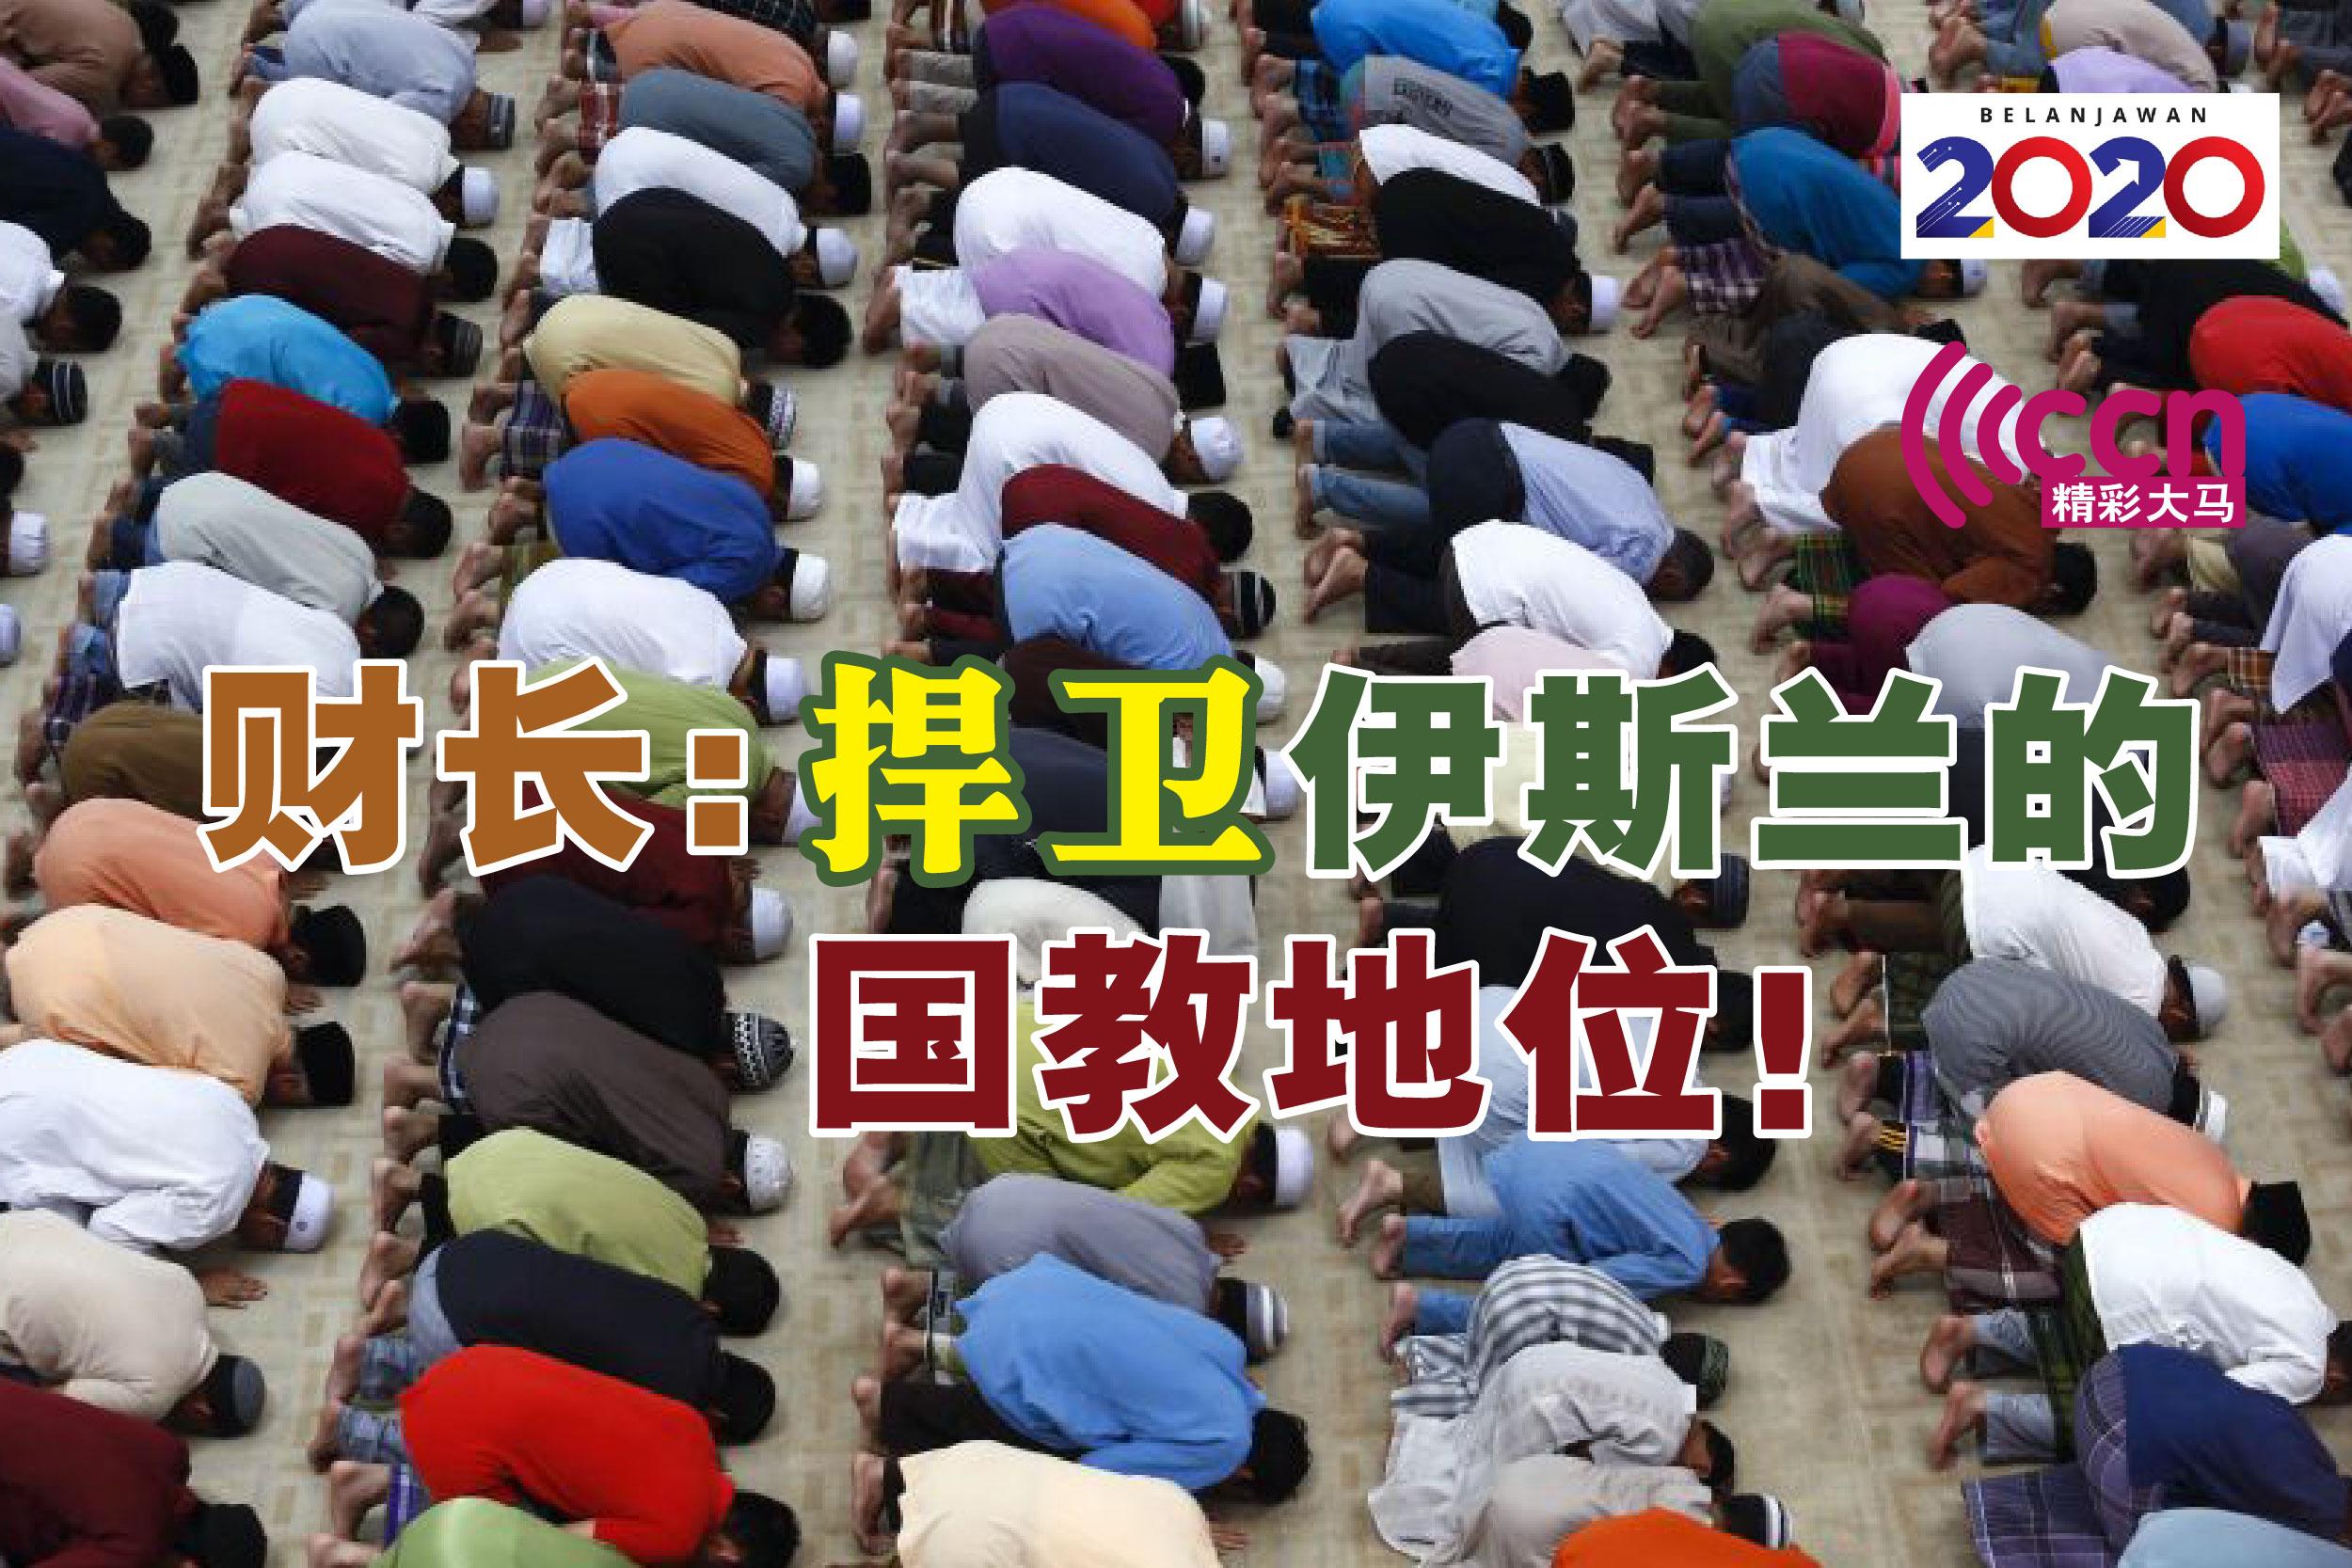 林冠英说,政府会捍卫伊斯兰为官方宗教的地位。-精彩大马-